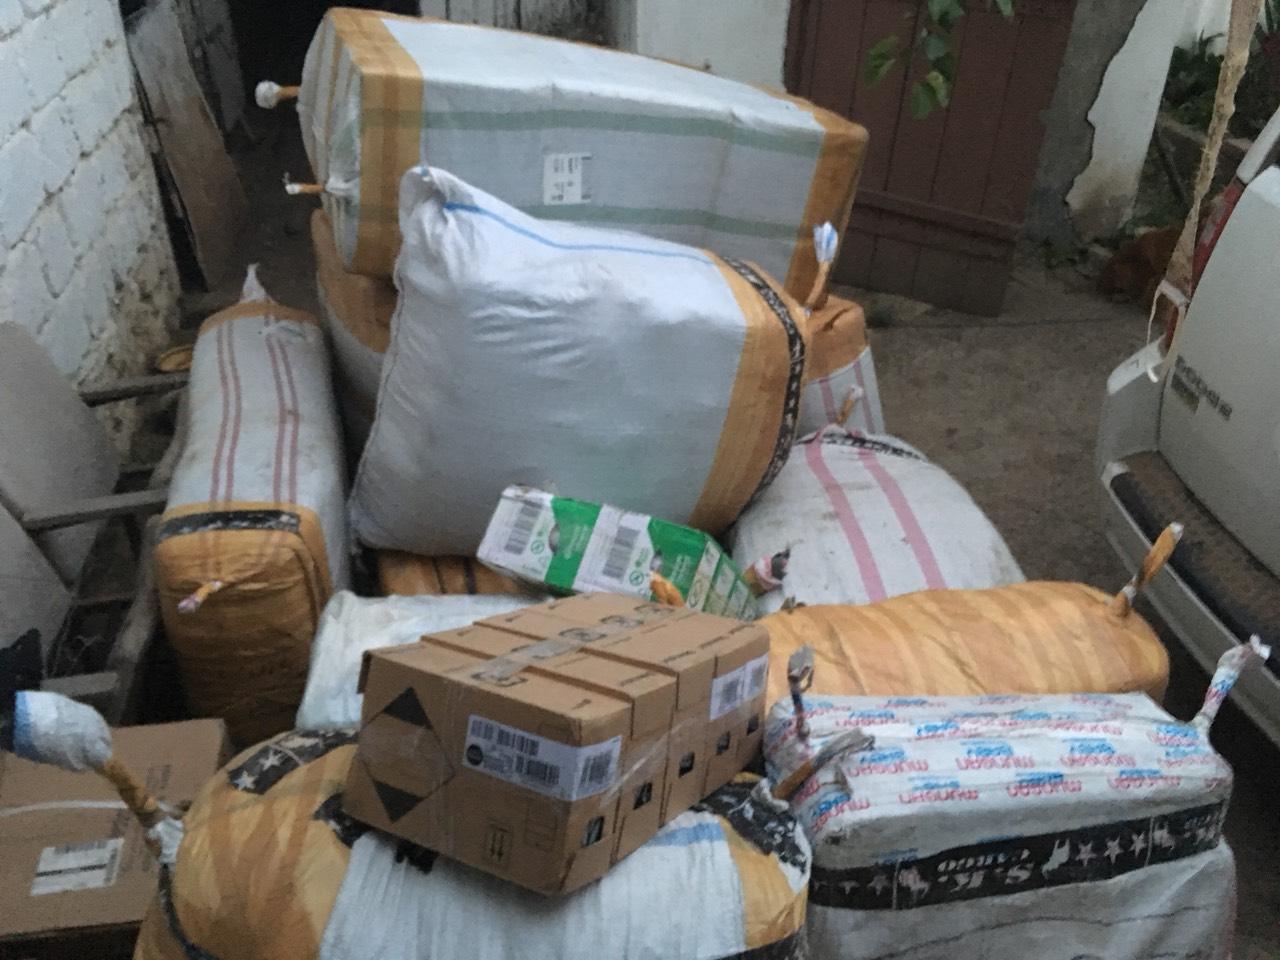 (ФОТО) Молдавские пограничники конфисковали контрабандный товар почти на миллион леев